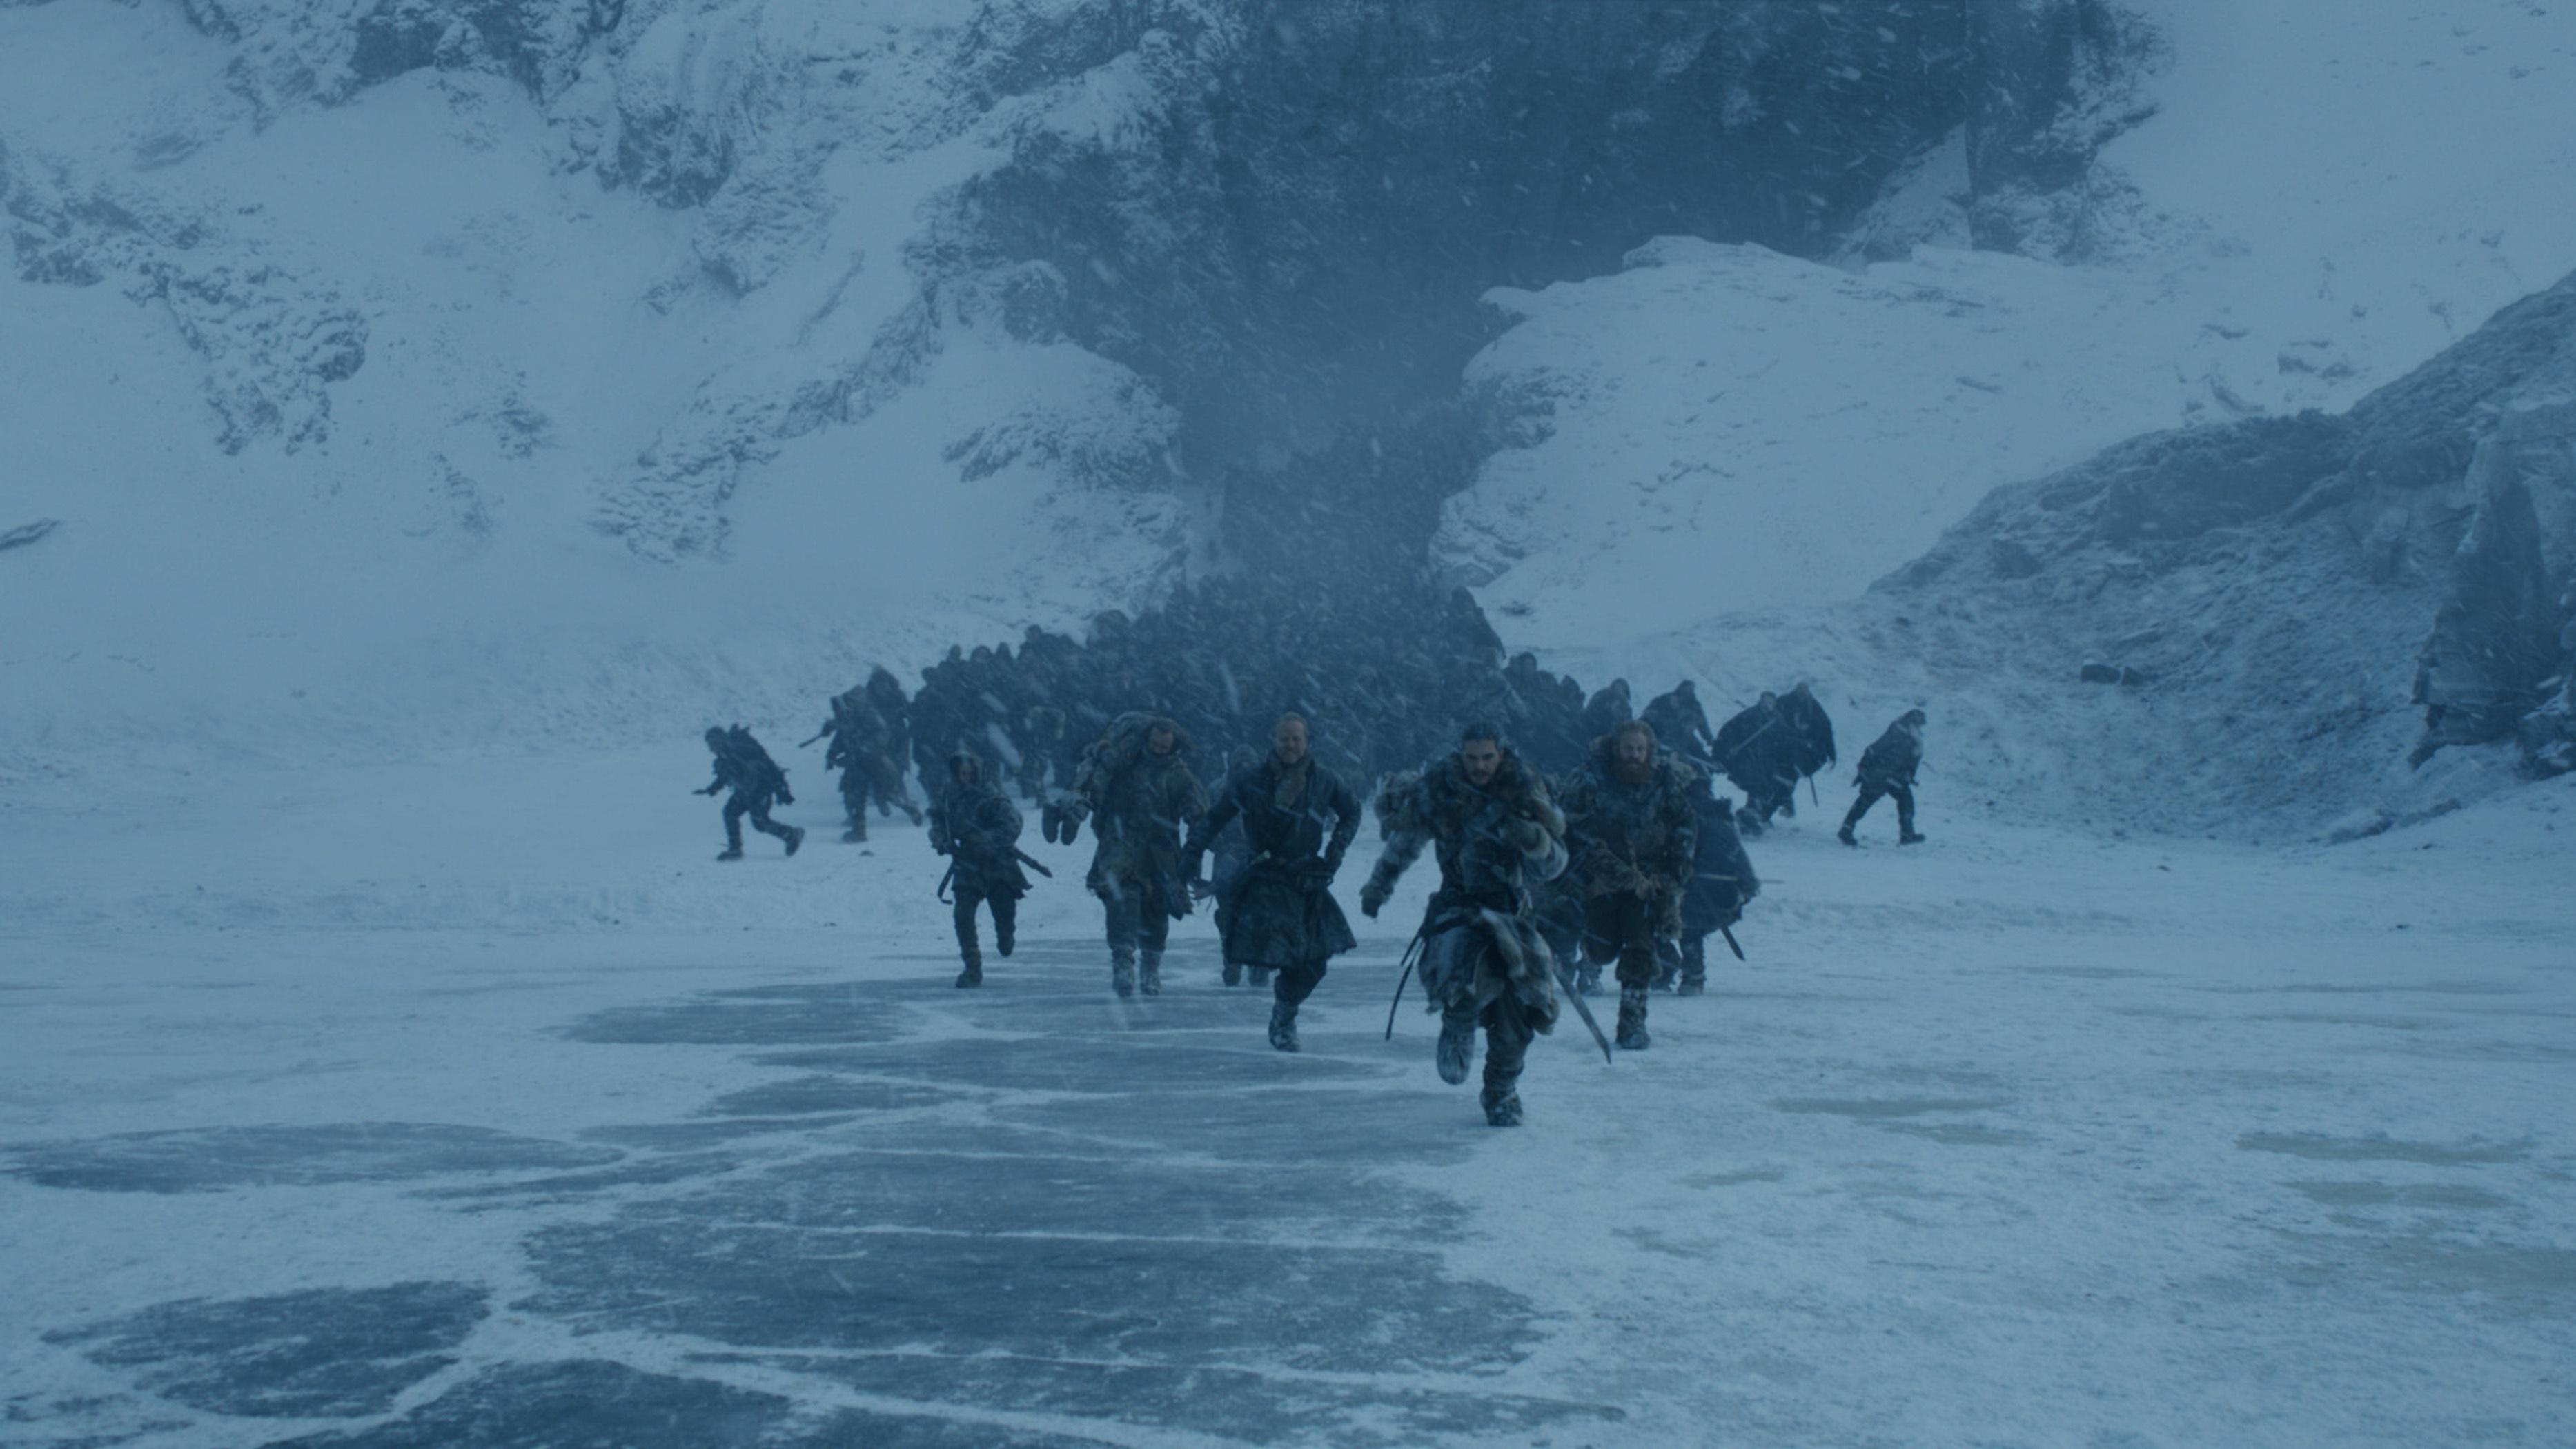 Will Bran Stark die in Game of Thrones season 8? ~ Hiptoro